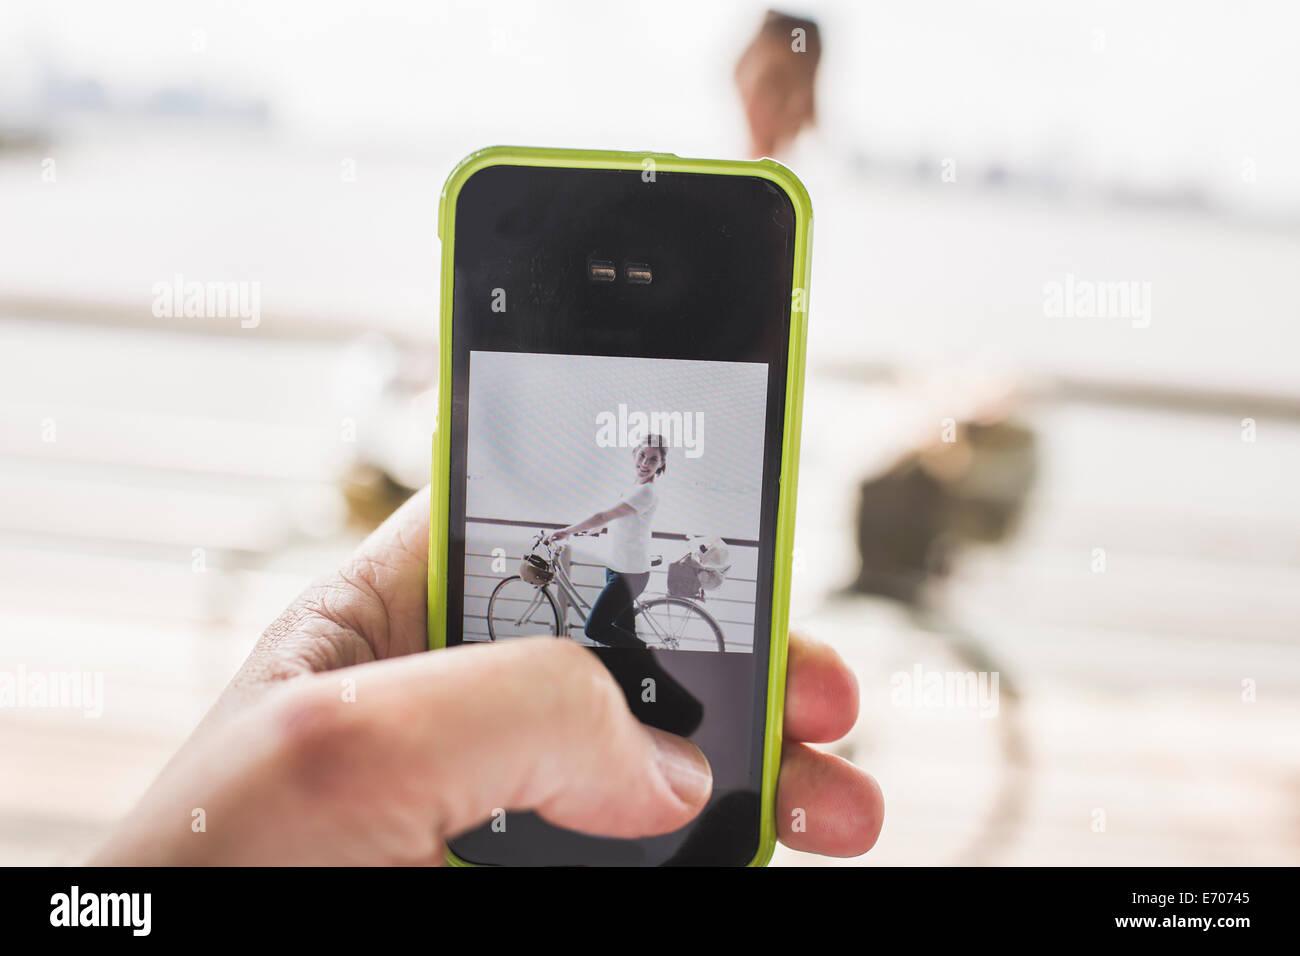 Hombre mano fotografiando novia y bicicleta con el smartphone en Riverside, la ciudad de Nueva York, EE.UU. Imagen De Stock